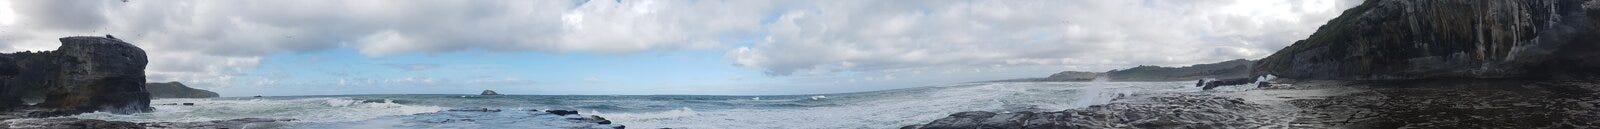 El lavado blanco del oeste salvaje salvaje agita panorámico Foto de archivo libre de regalías